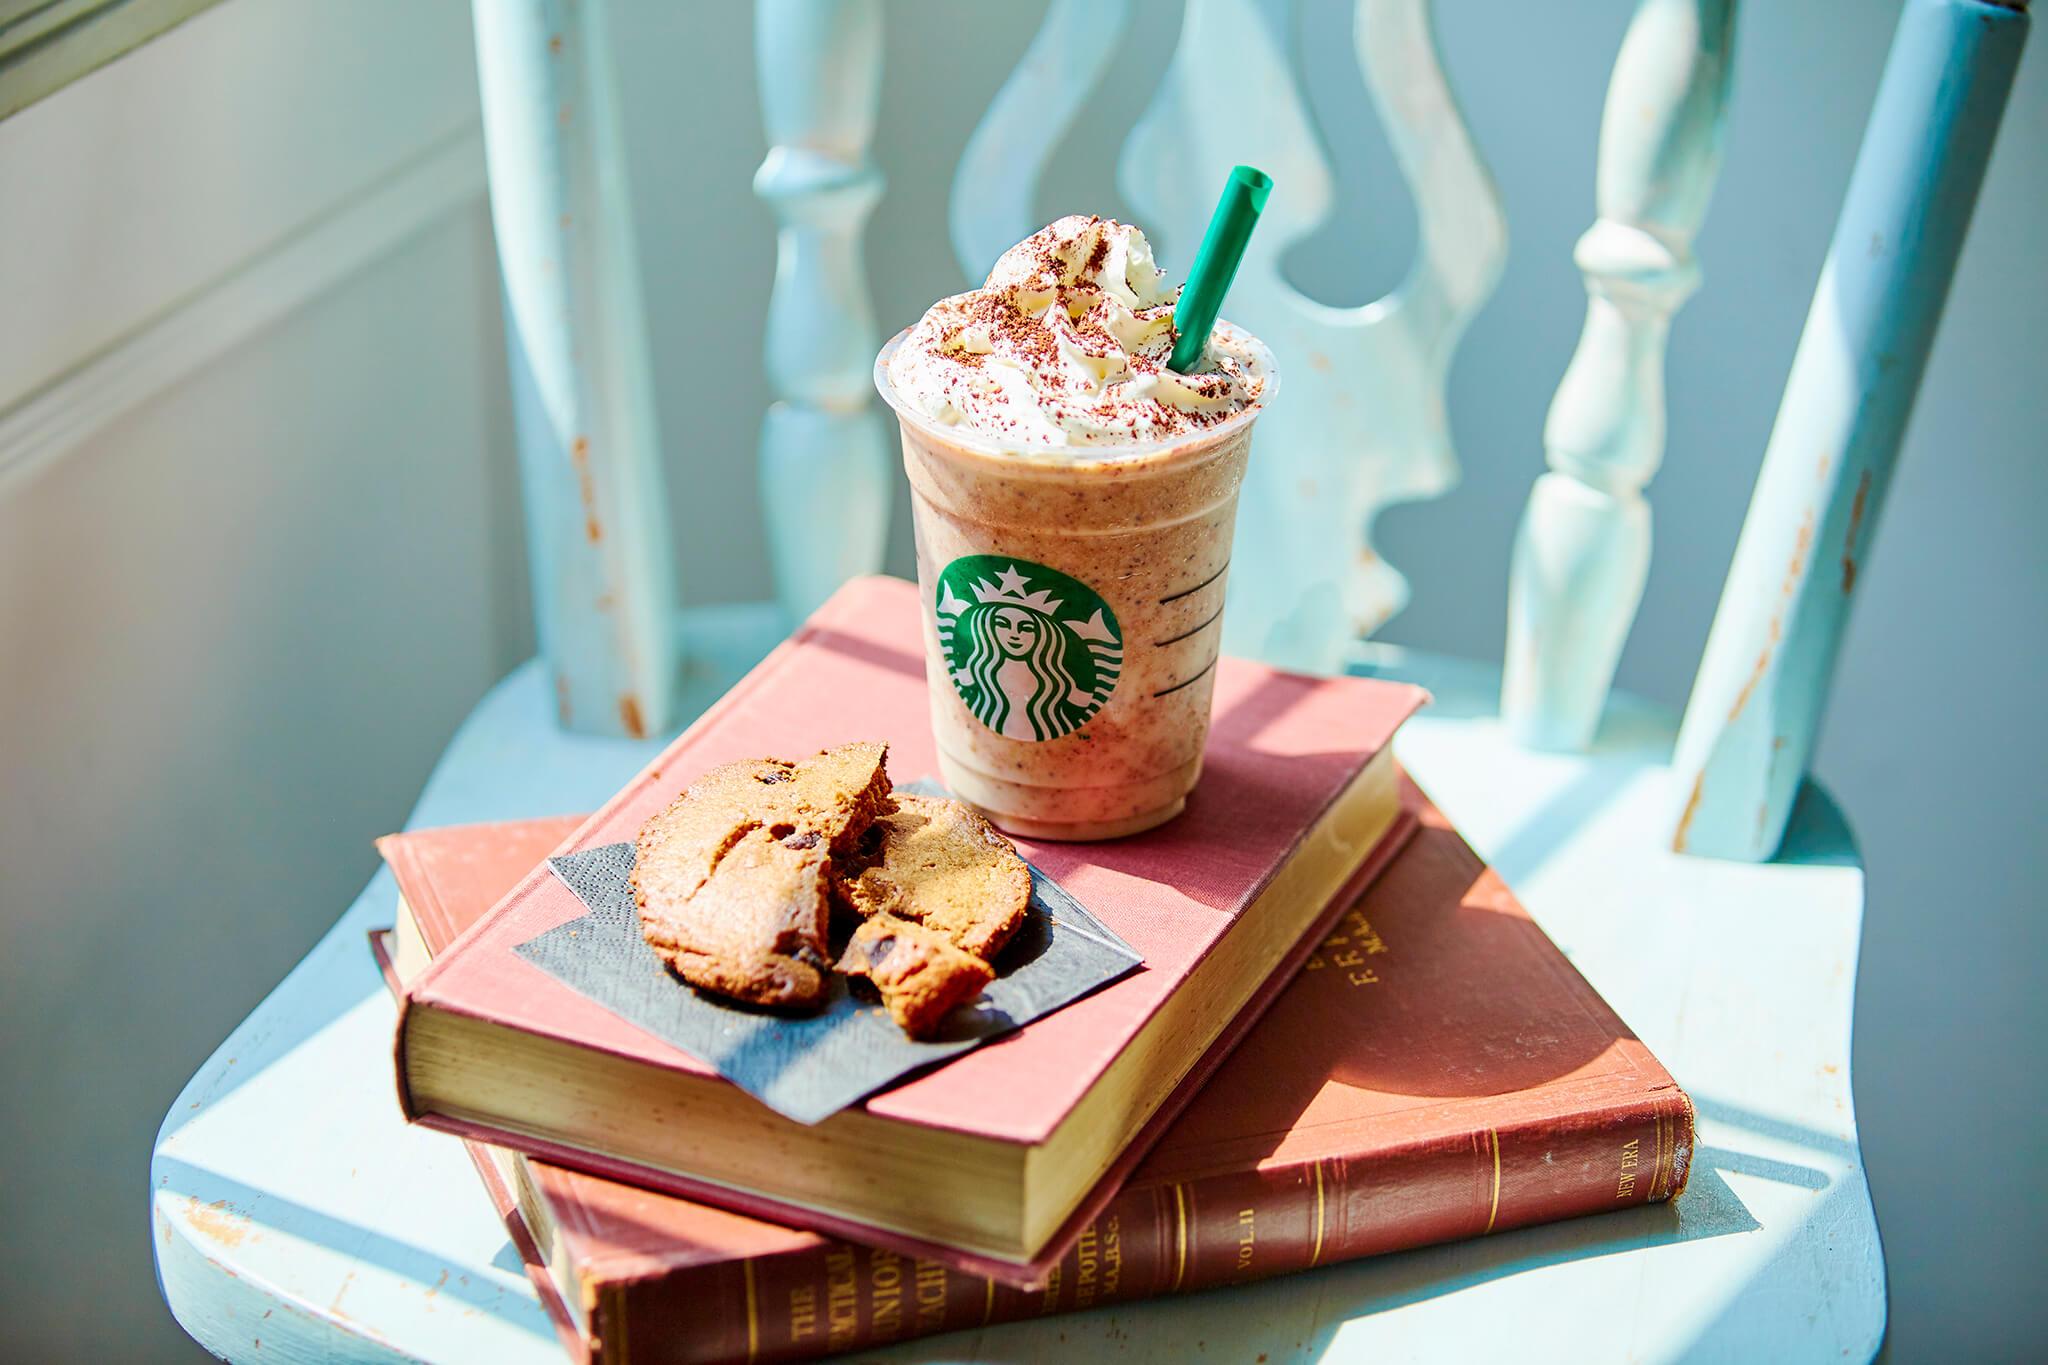 日本星巴克人氣商品「曲奇餅乾星冰樂®」時隔三年再度復活! 日本星巴克從、星巴克、